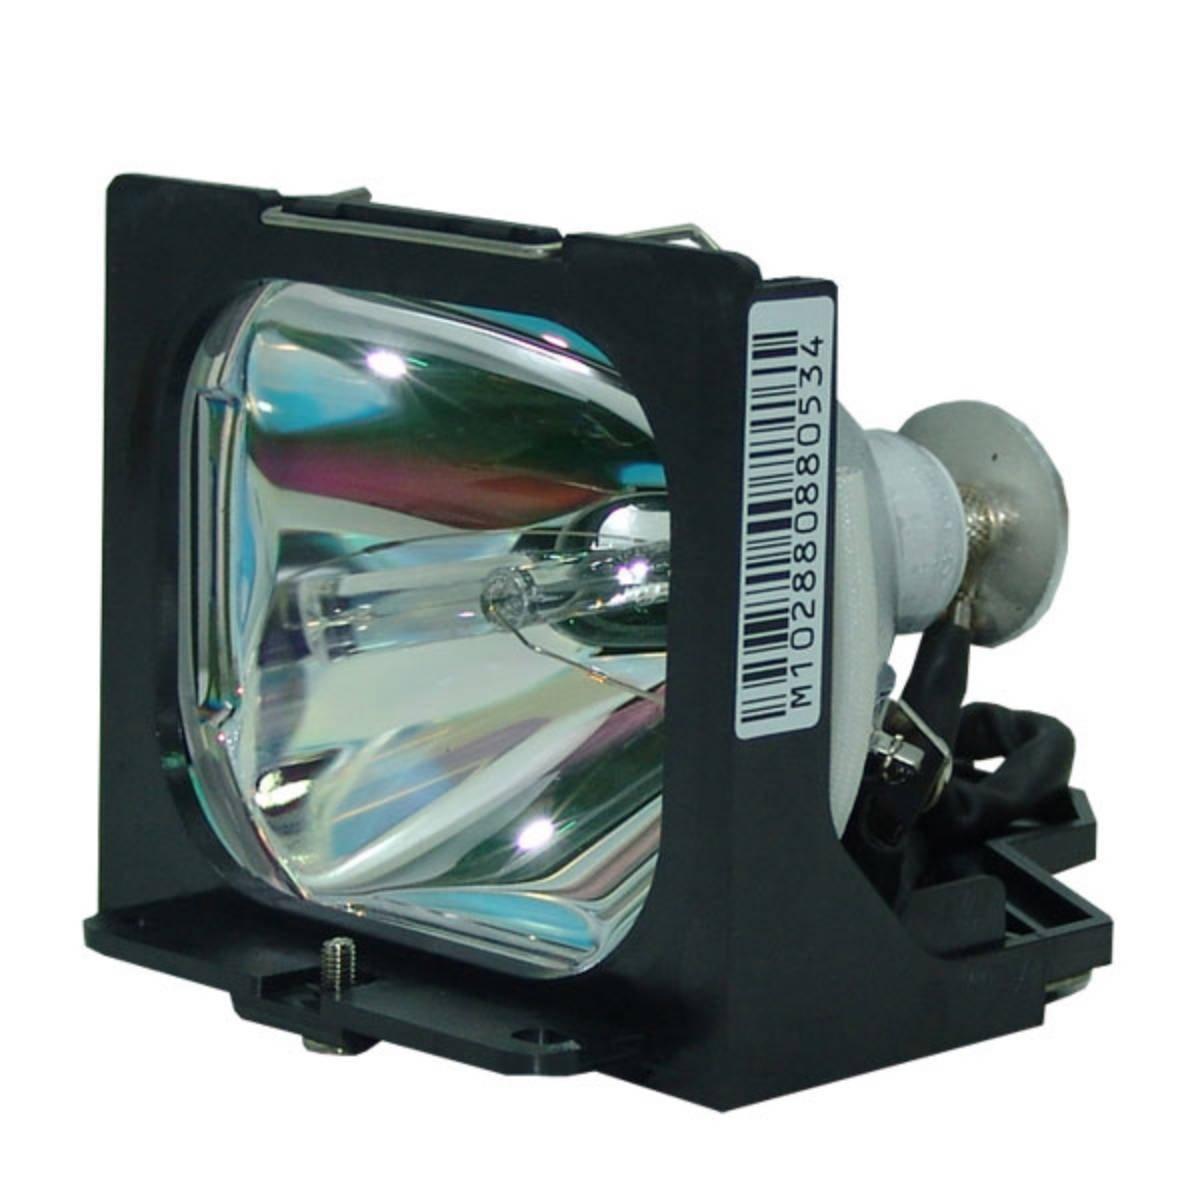 Toshiba projector model Tlp-451E 交換用ランプ   B005CUXWRQ